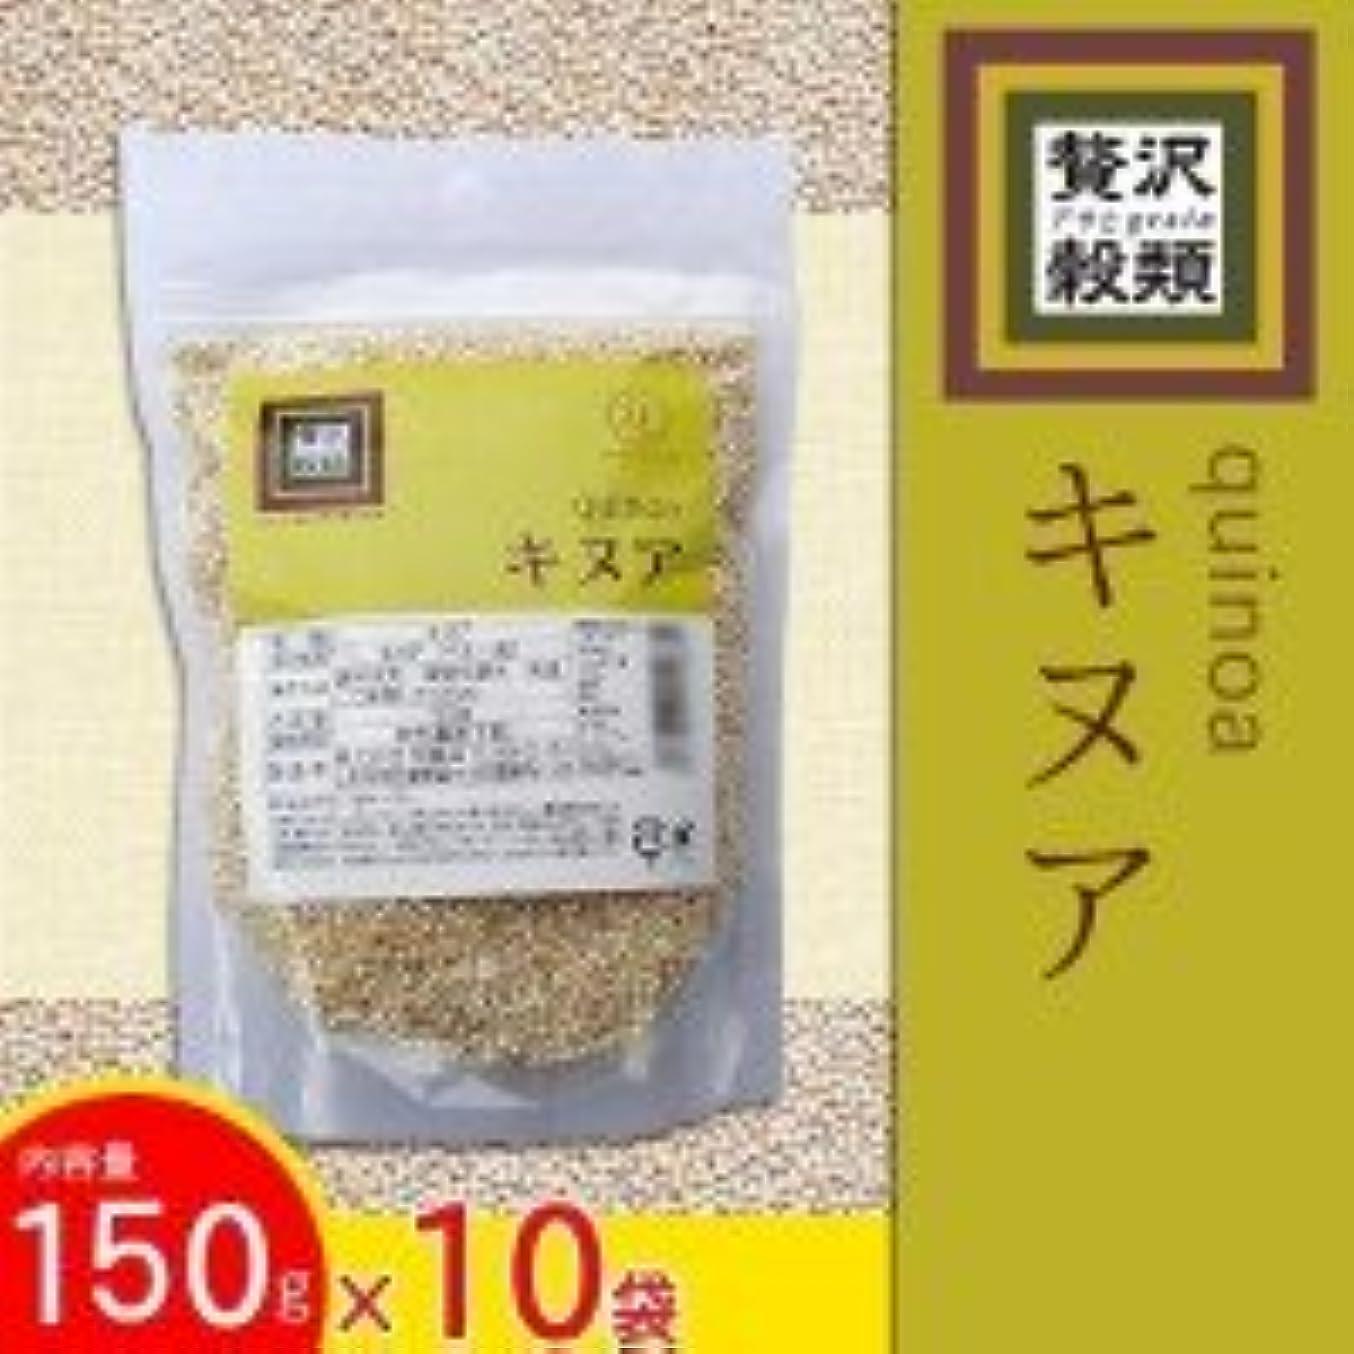 資料住む暗黙贅沢穀類 キヌア 150g×10袋